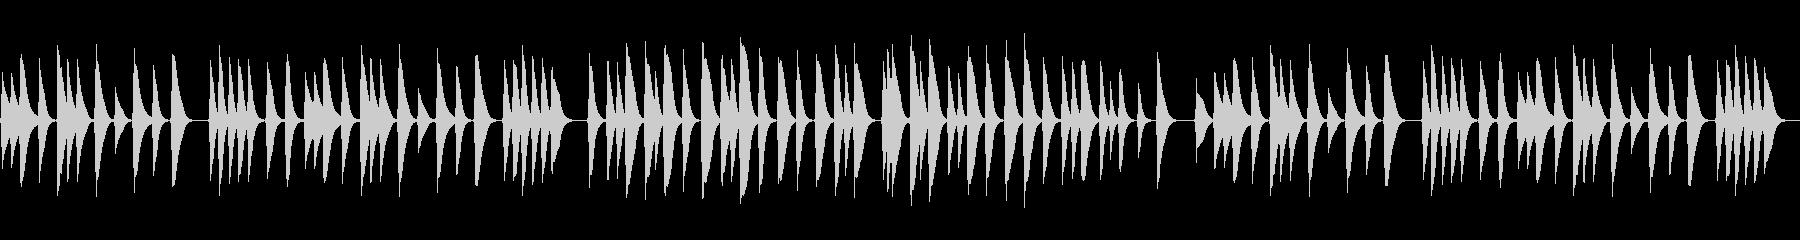 結婚式感動の手紙朗読に切ないオルゴール曲の未再生の波形